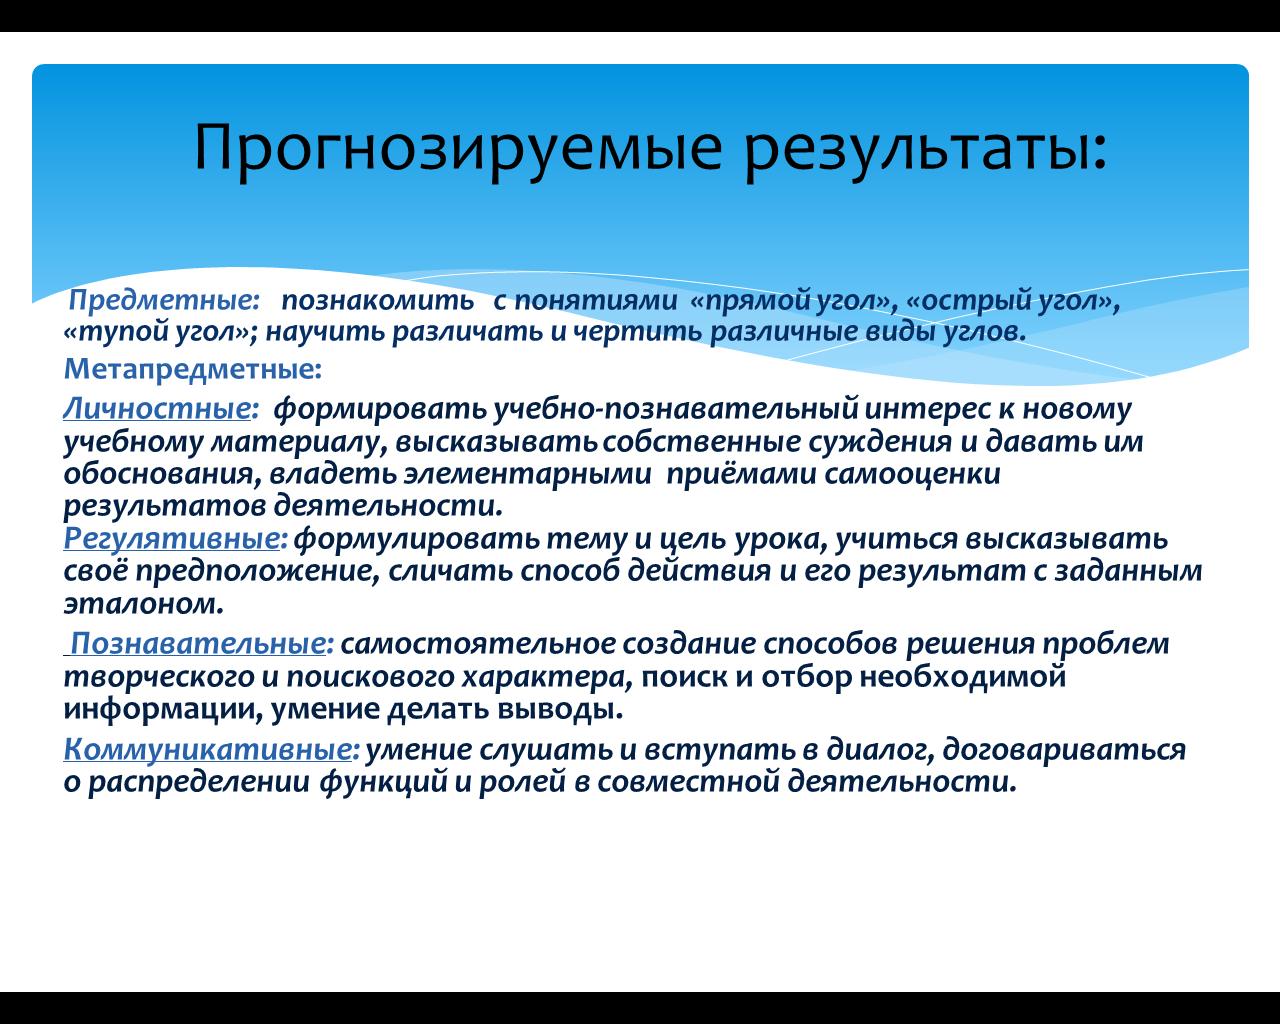 Презентация слайды о себе